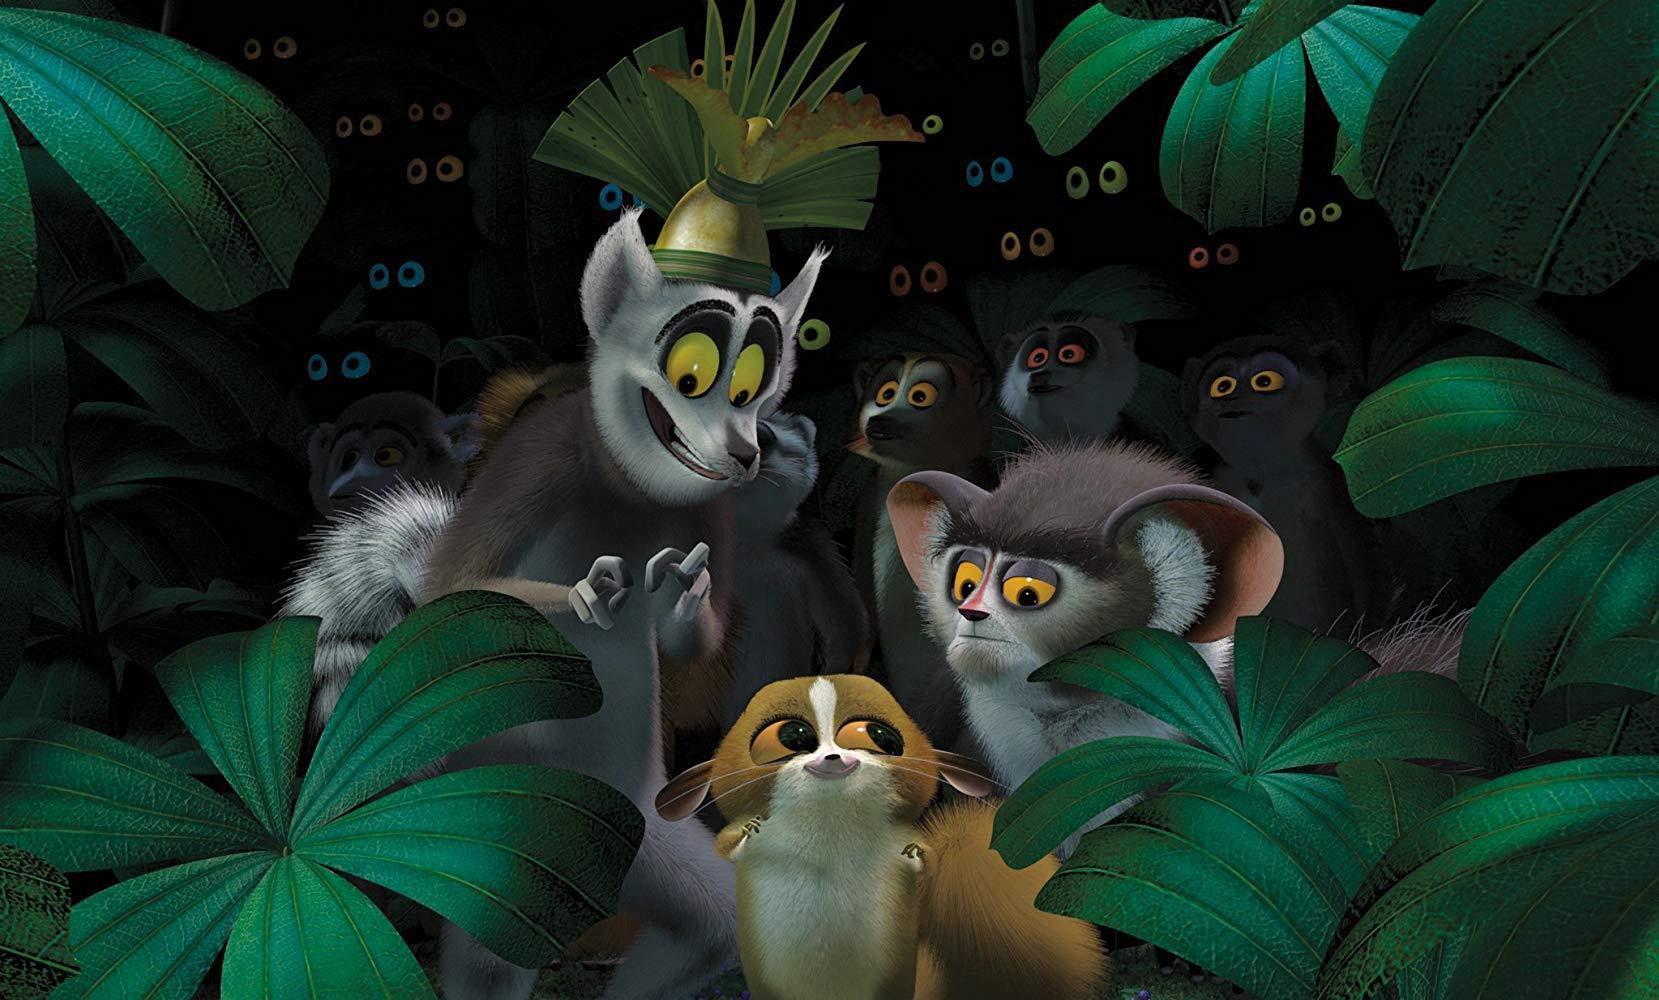 Top 5 phim hoạt hình về động vật ngộ nghĩnh, đáng yêu và dễ thương (6)